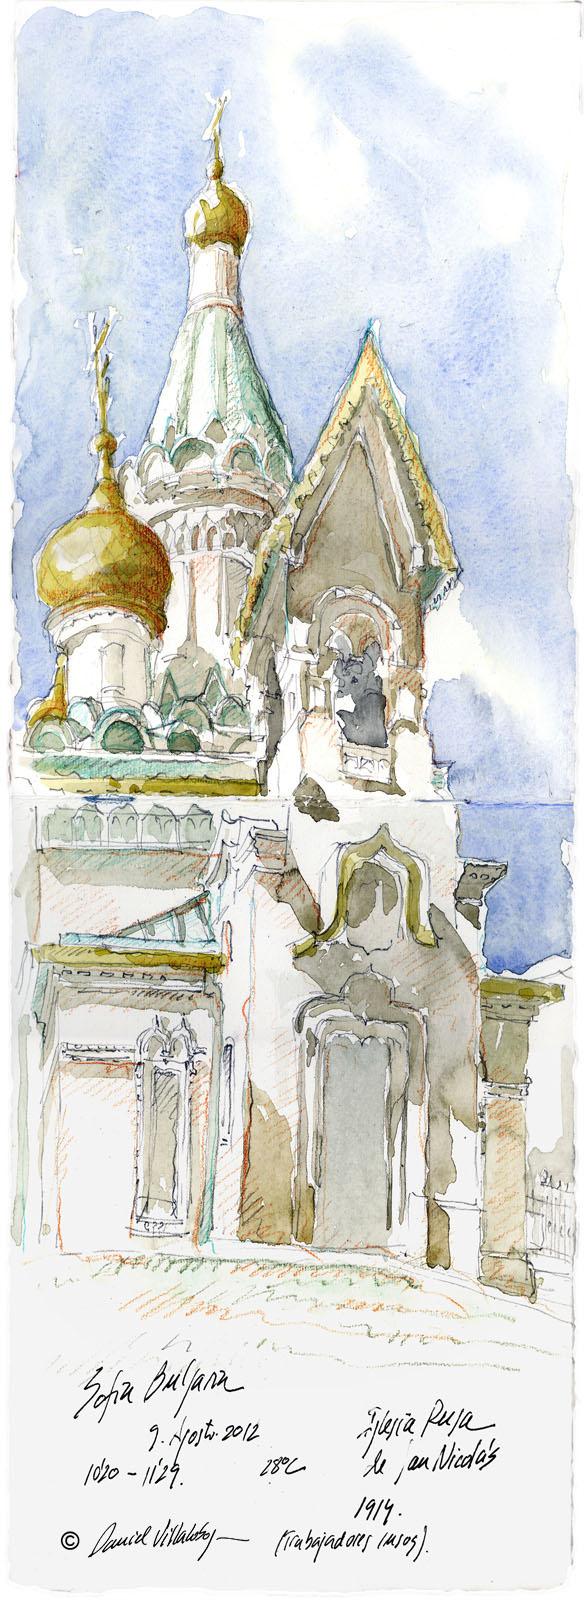 #danielvillalobos #sketch #sketchbook #skechtravel #bulgaria #sofia #s.nicolás